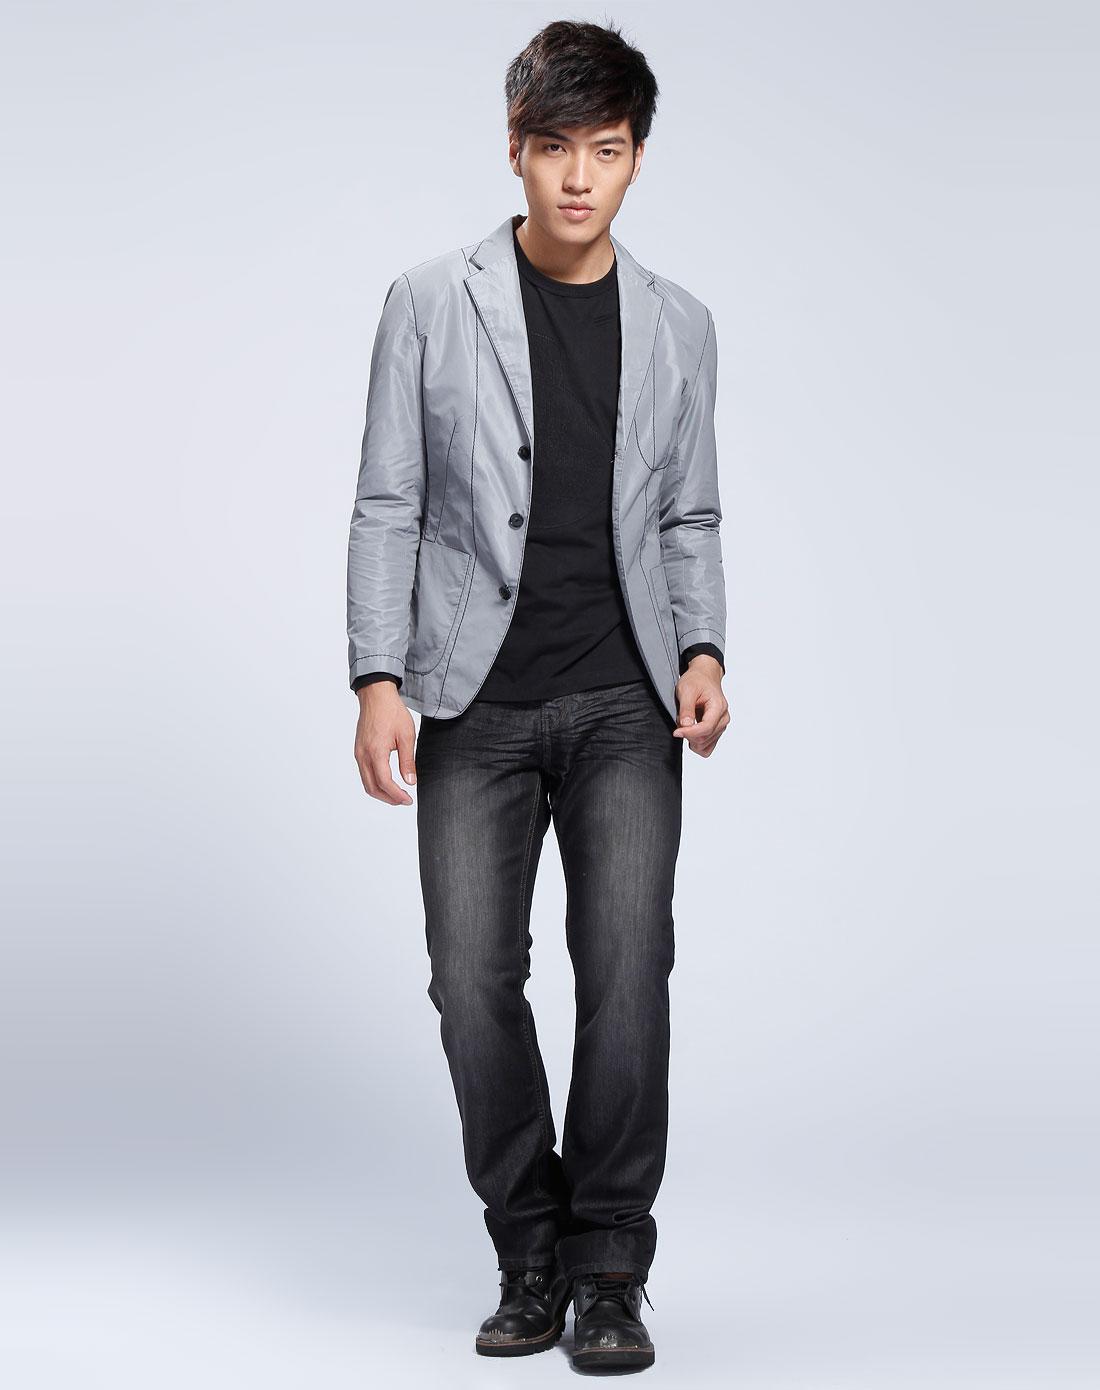 灰色格子休闲长袖西装外套